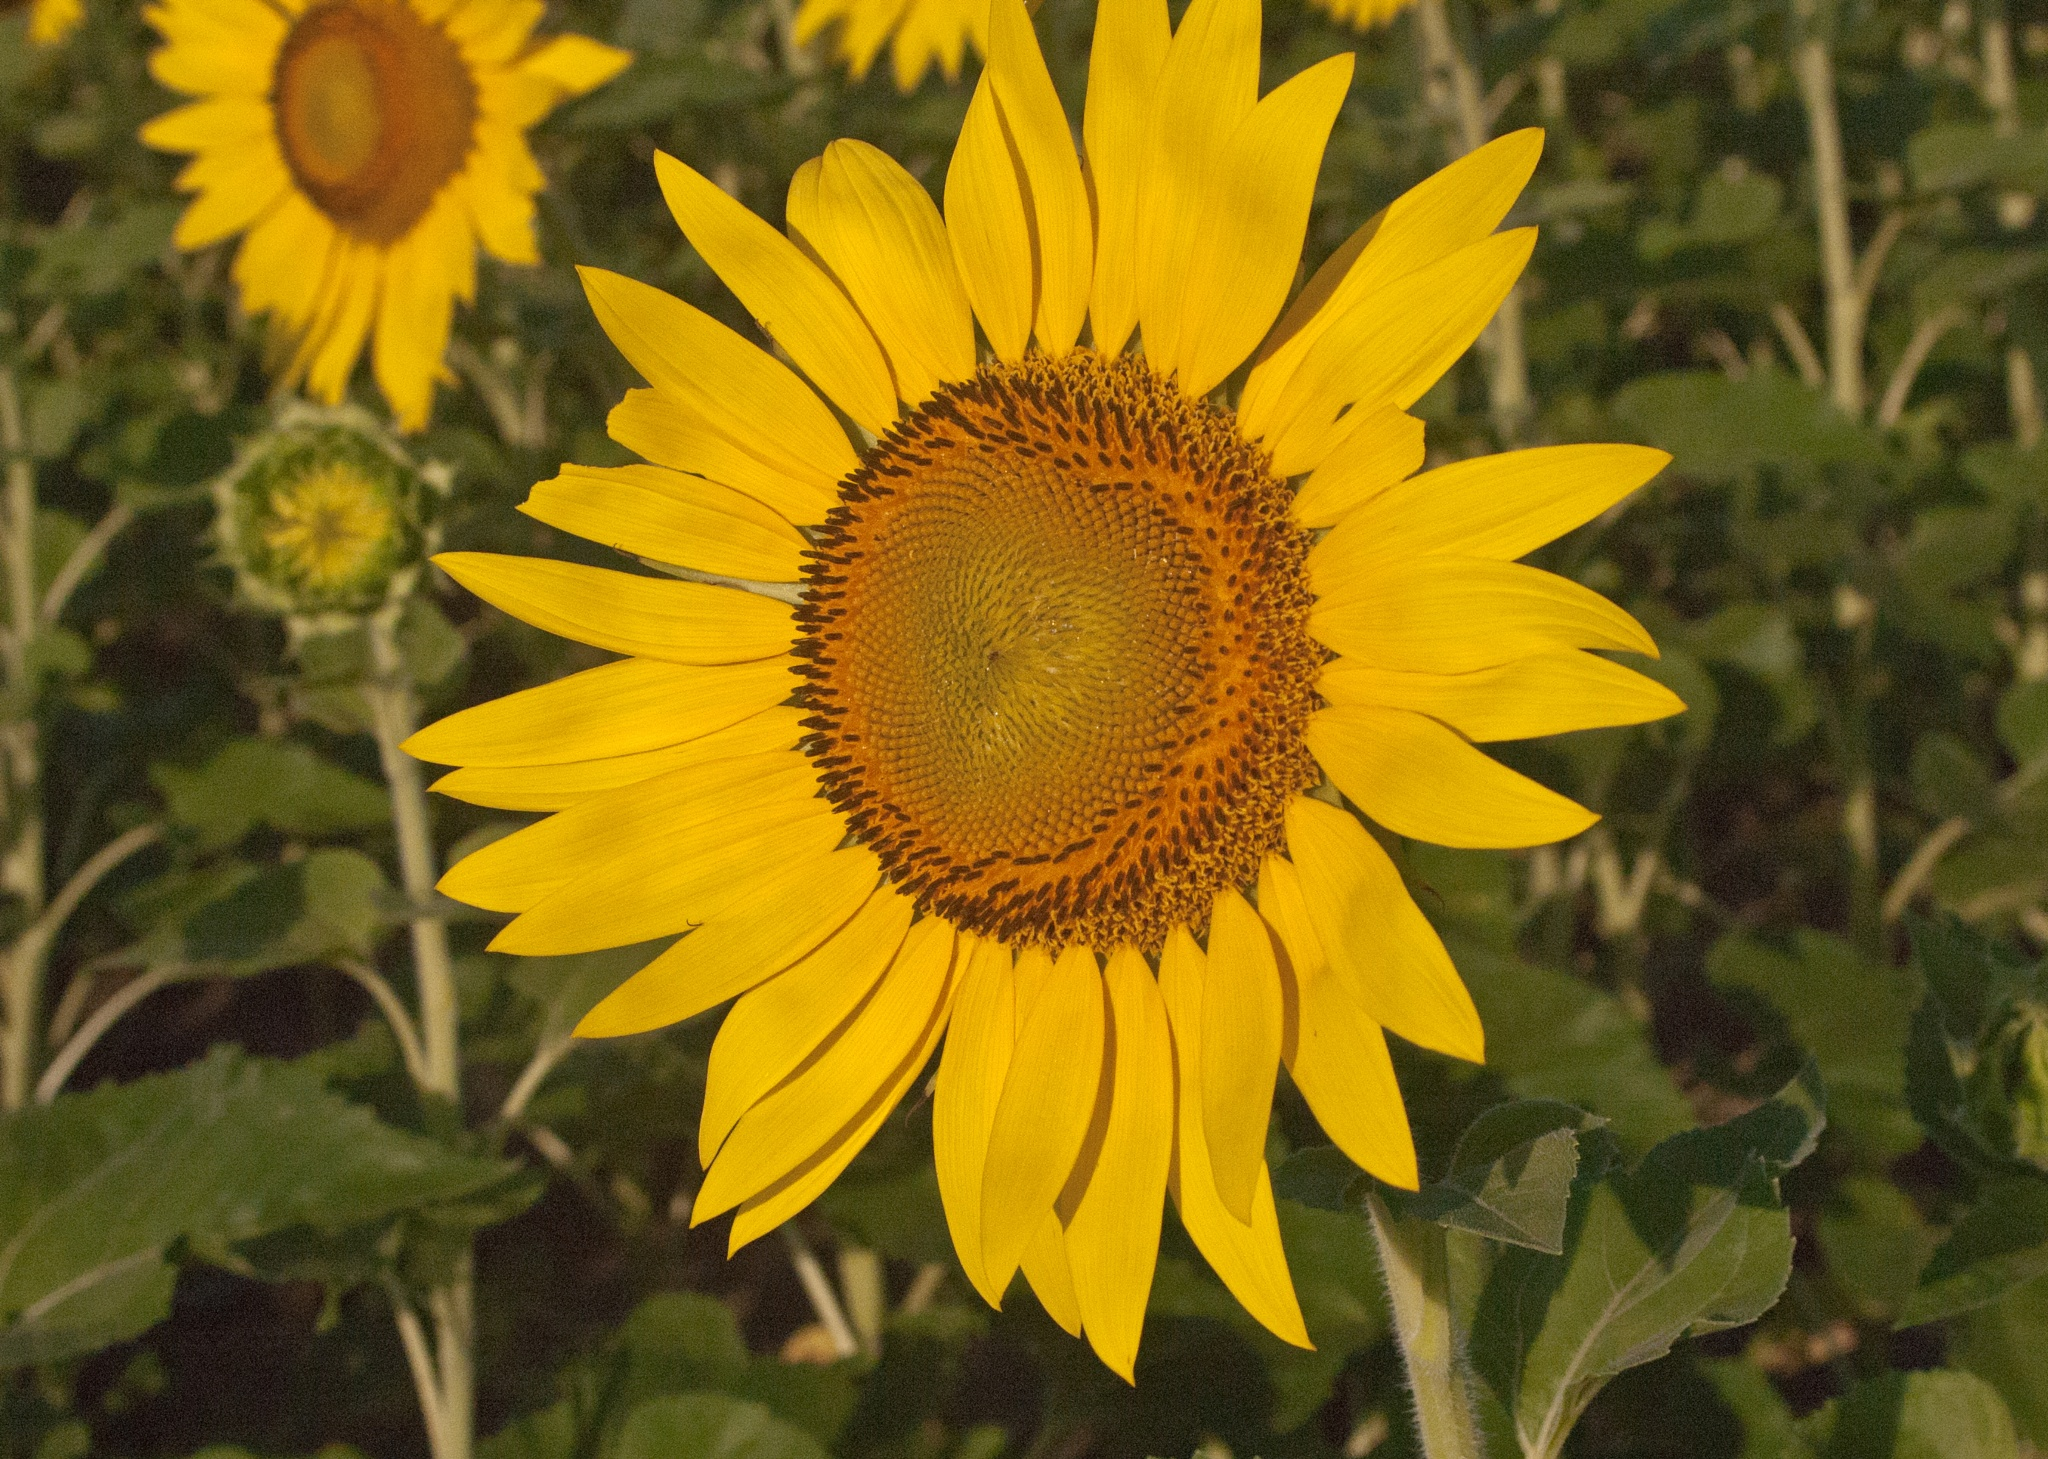 Sunflower 1 by Brady Williams